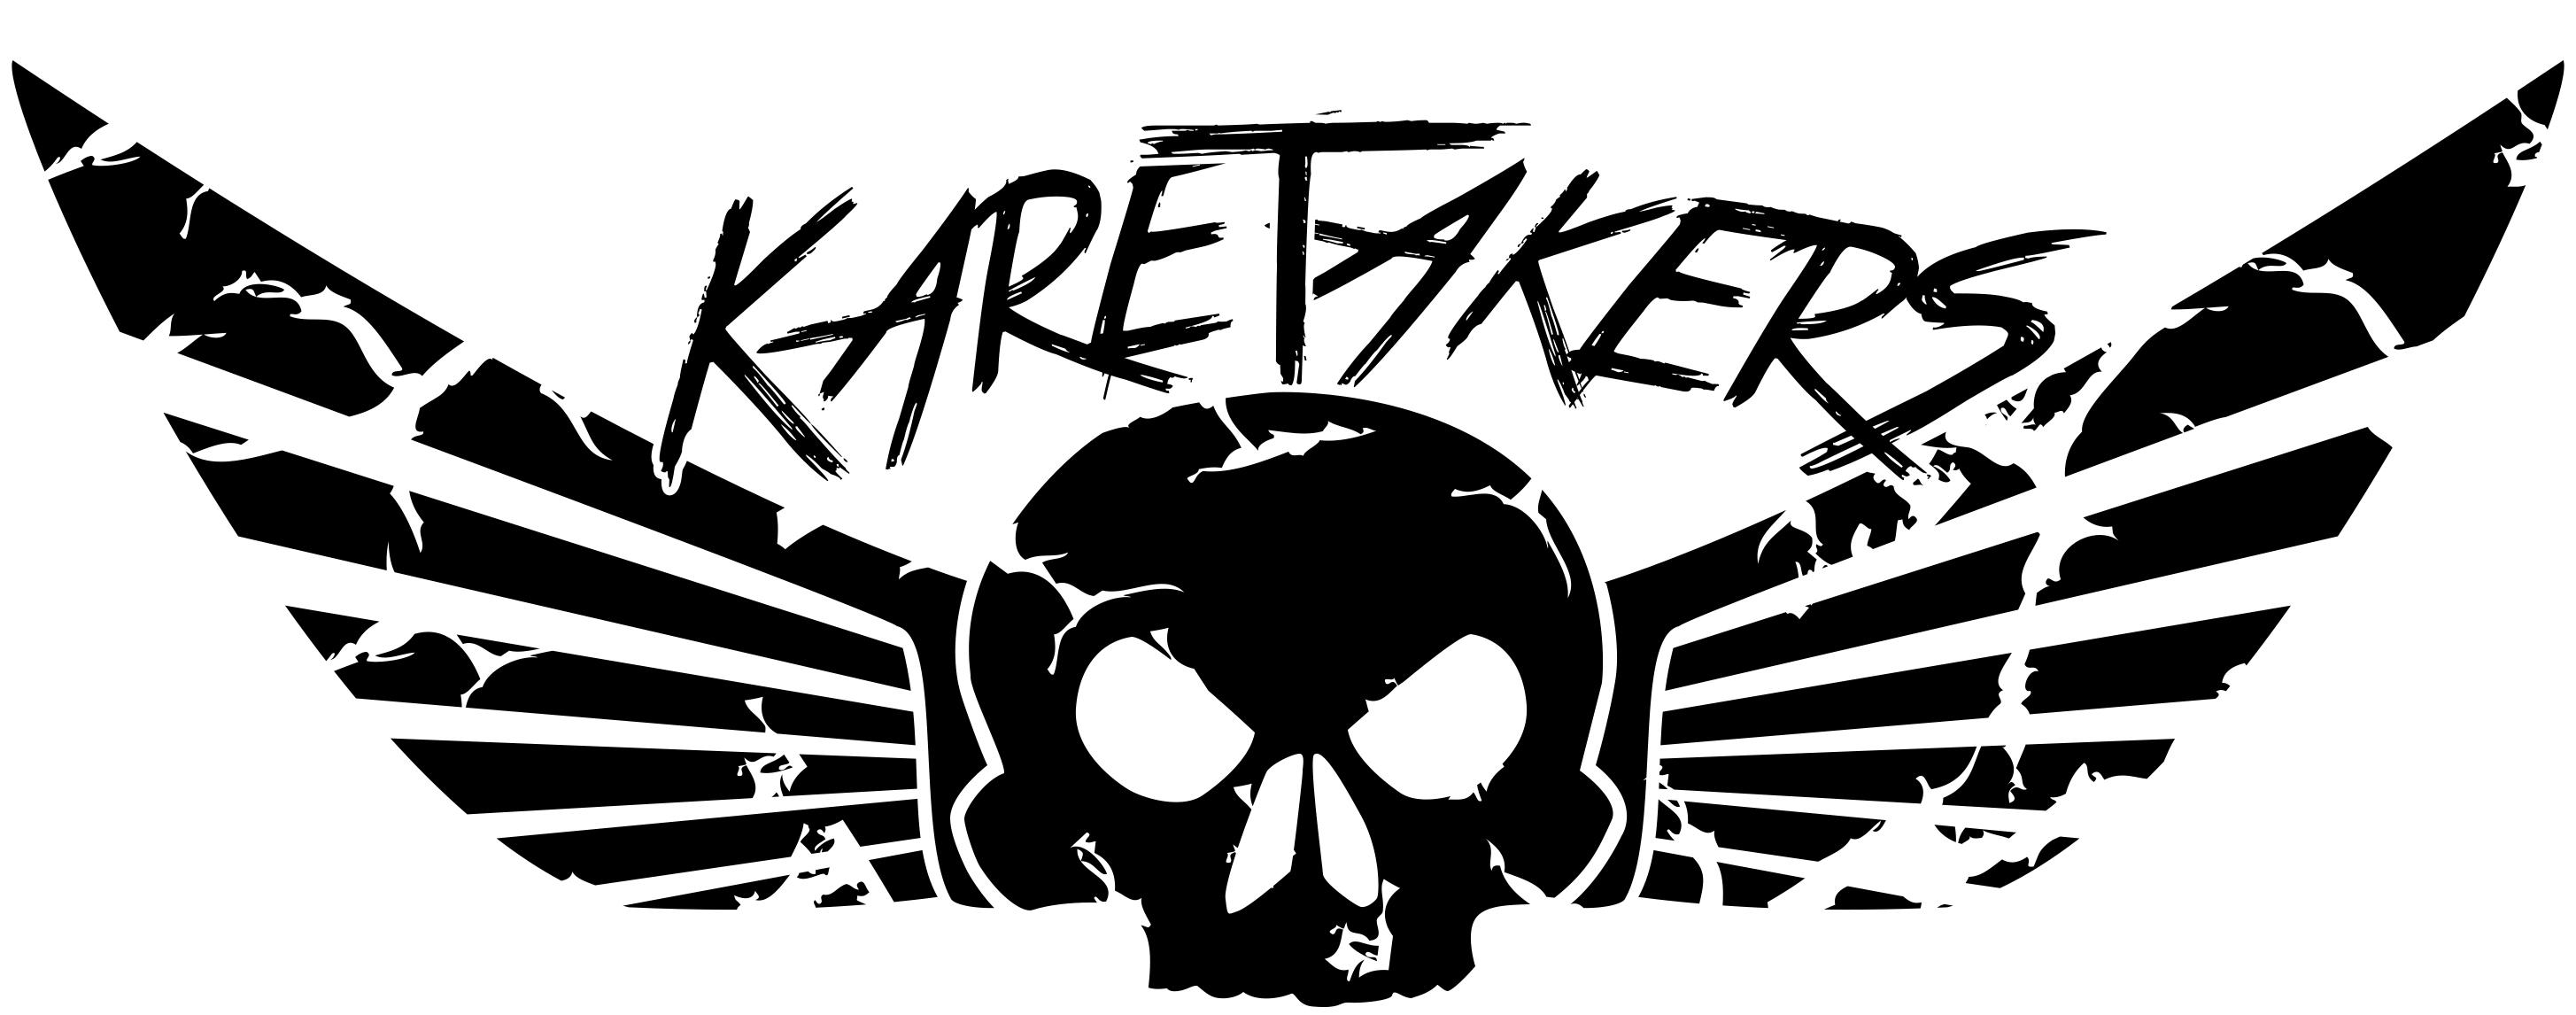 Karetakers Logo